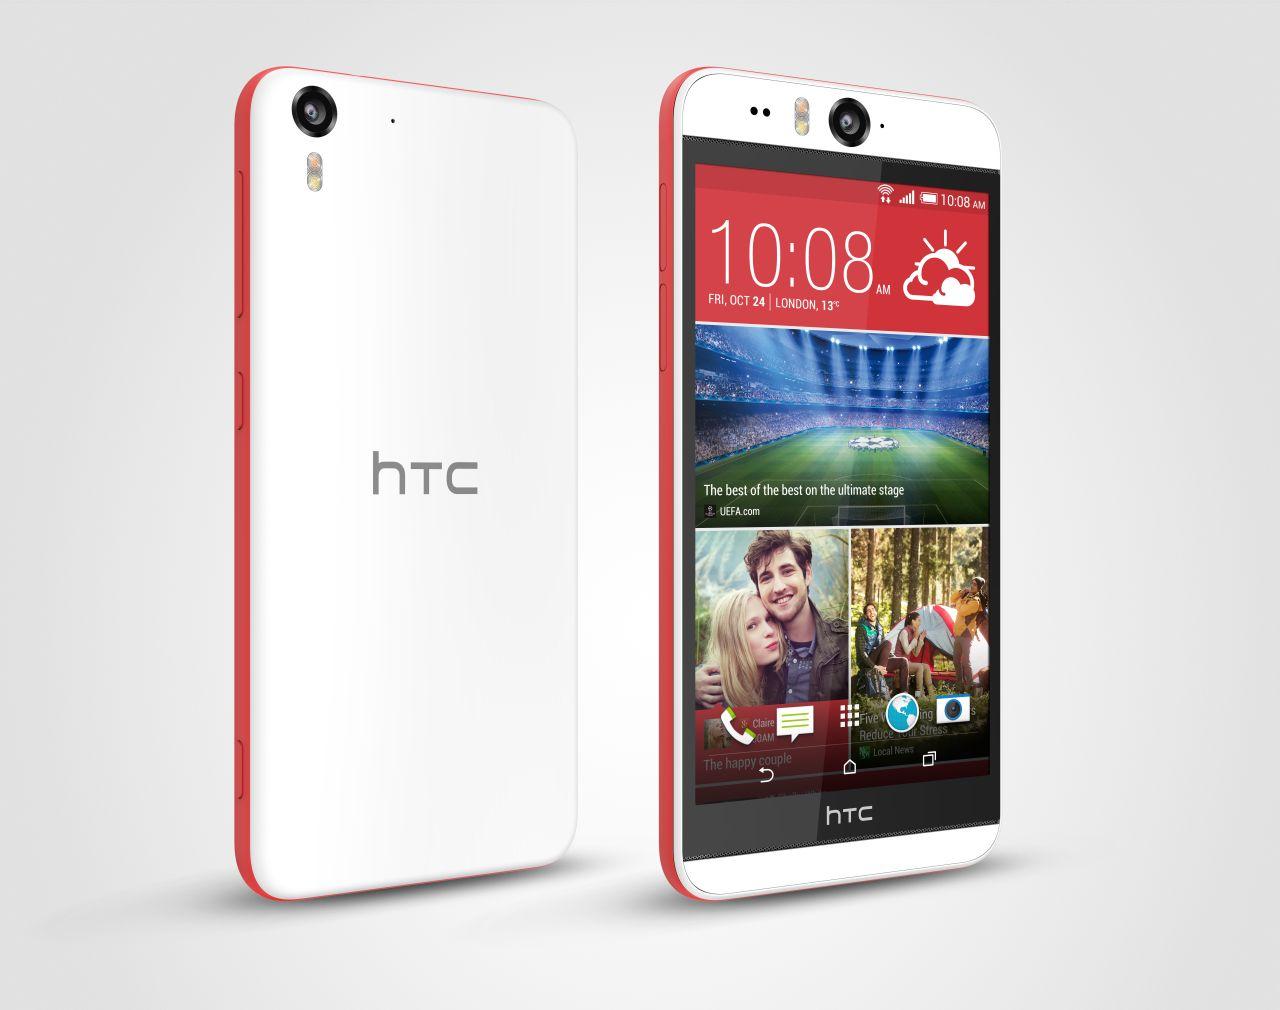 中階都有得食波板糖啦!HTC Desire EYE 可升 Android 5.0 - 香港 unwire.hk